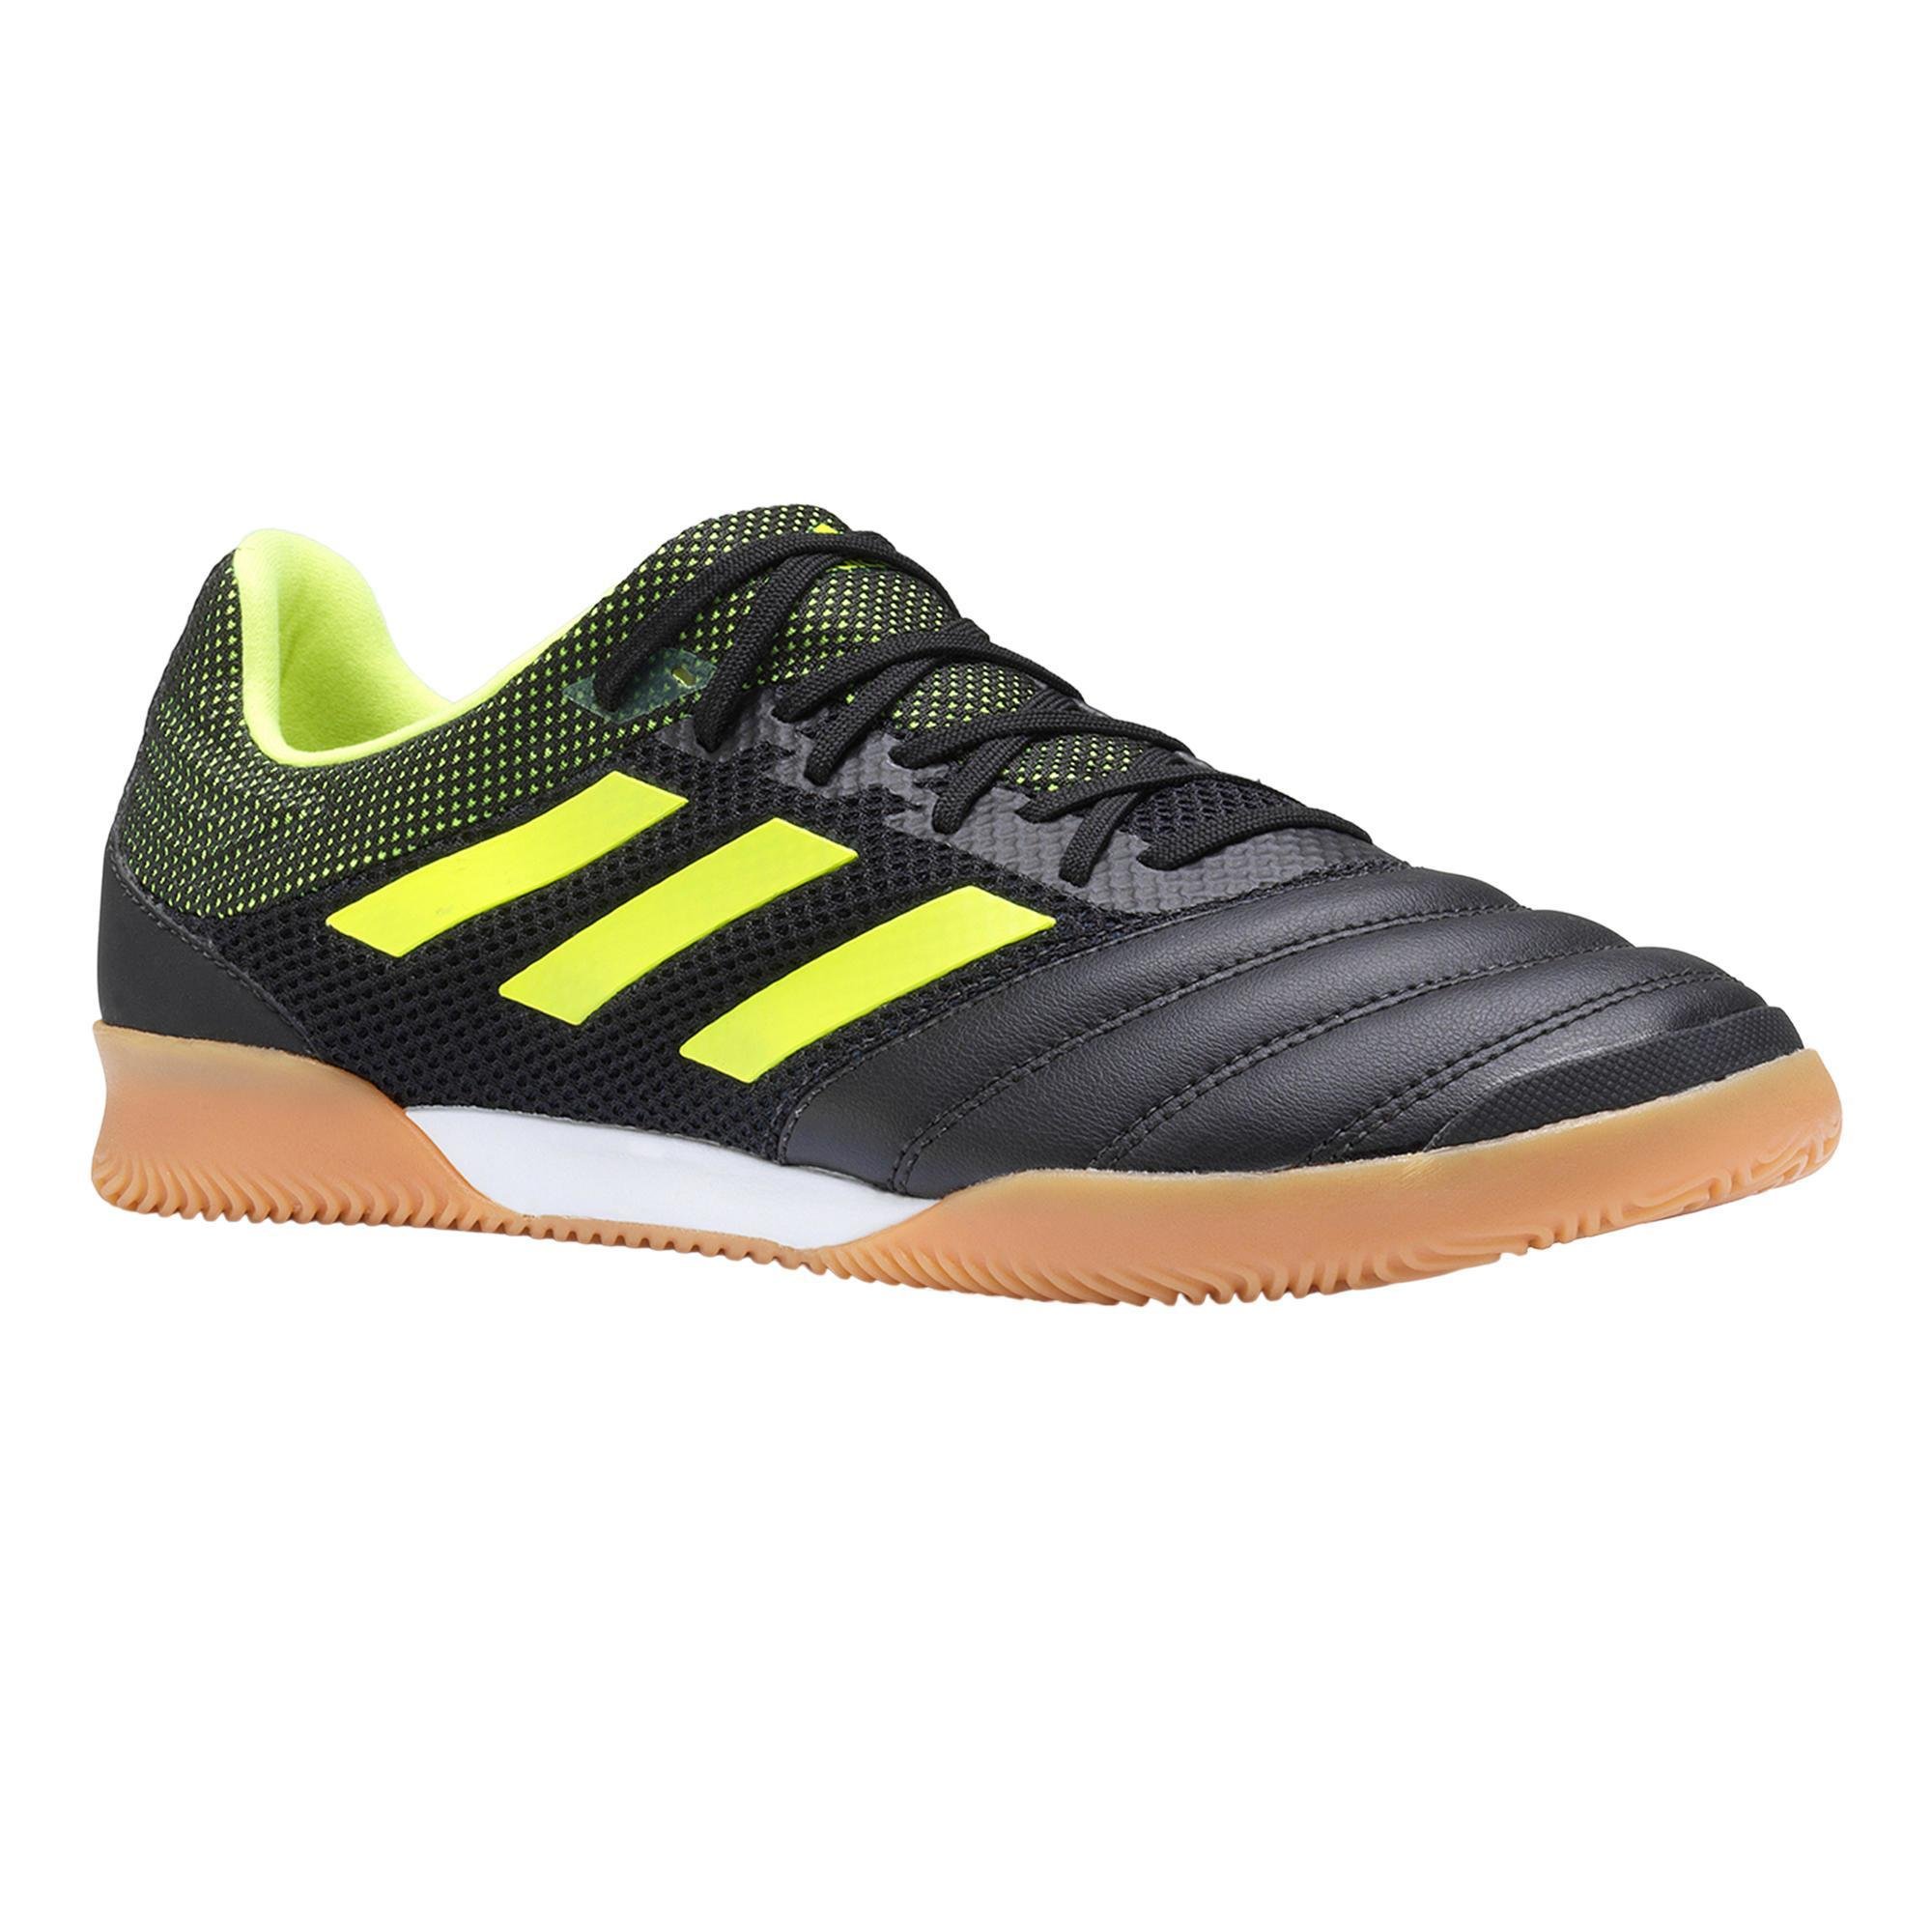 0eb5eca386868 Comprar Zapatillas de Fútbol Sala online